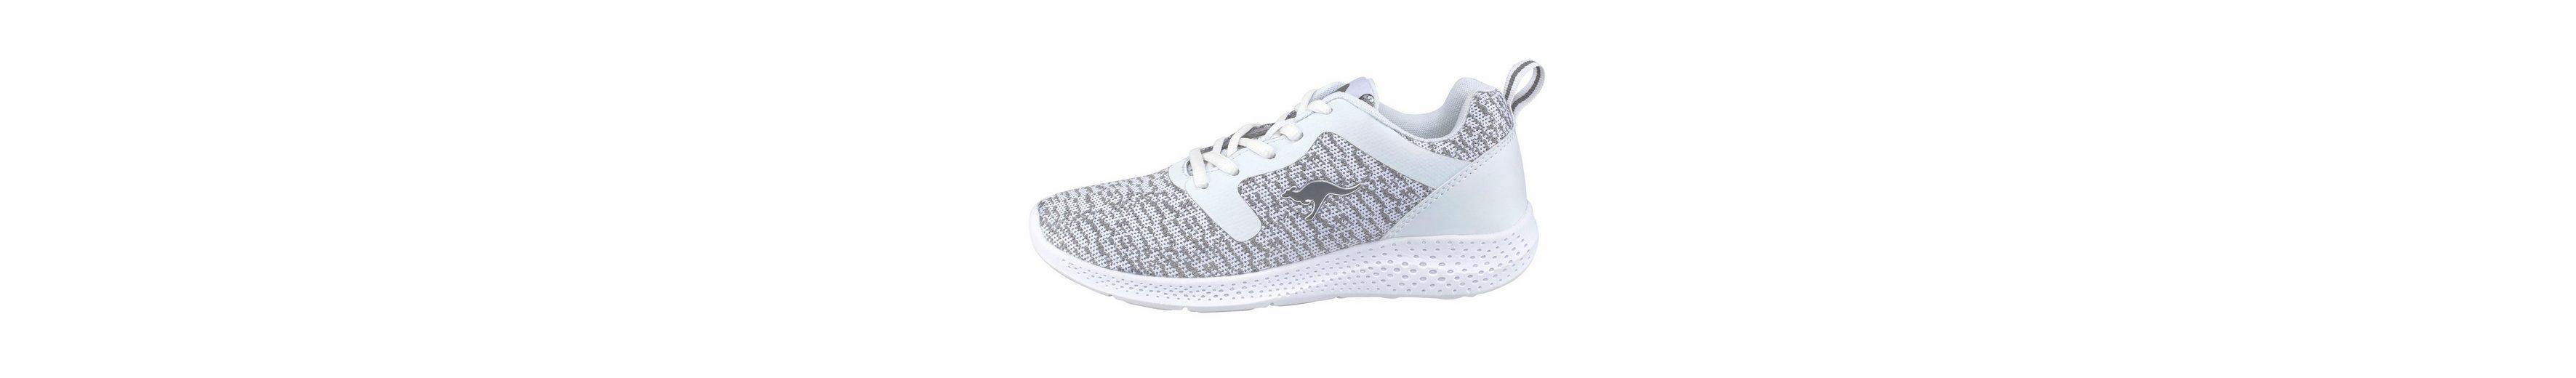 KangaROOS K-V II Sneaker Wählen Sie Eine Beste Online Rabatt 100% Original Aus Deutschland Freies Verschiffen Des Niedrigen Preises lYKtHzfv6E